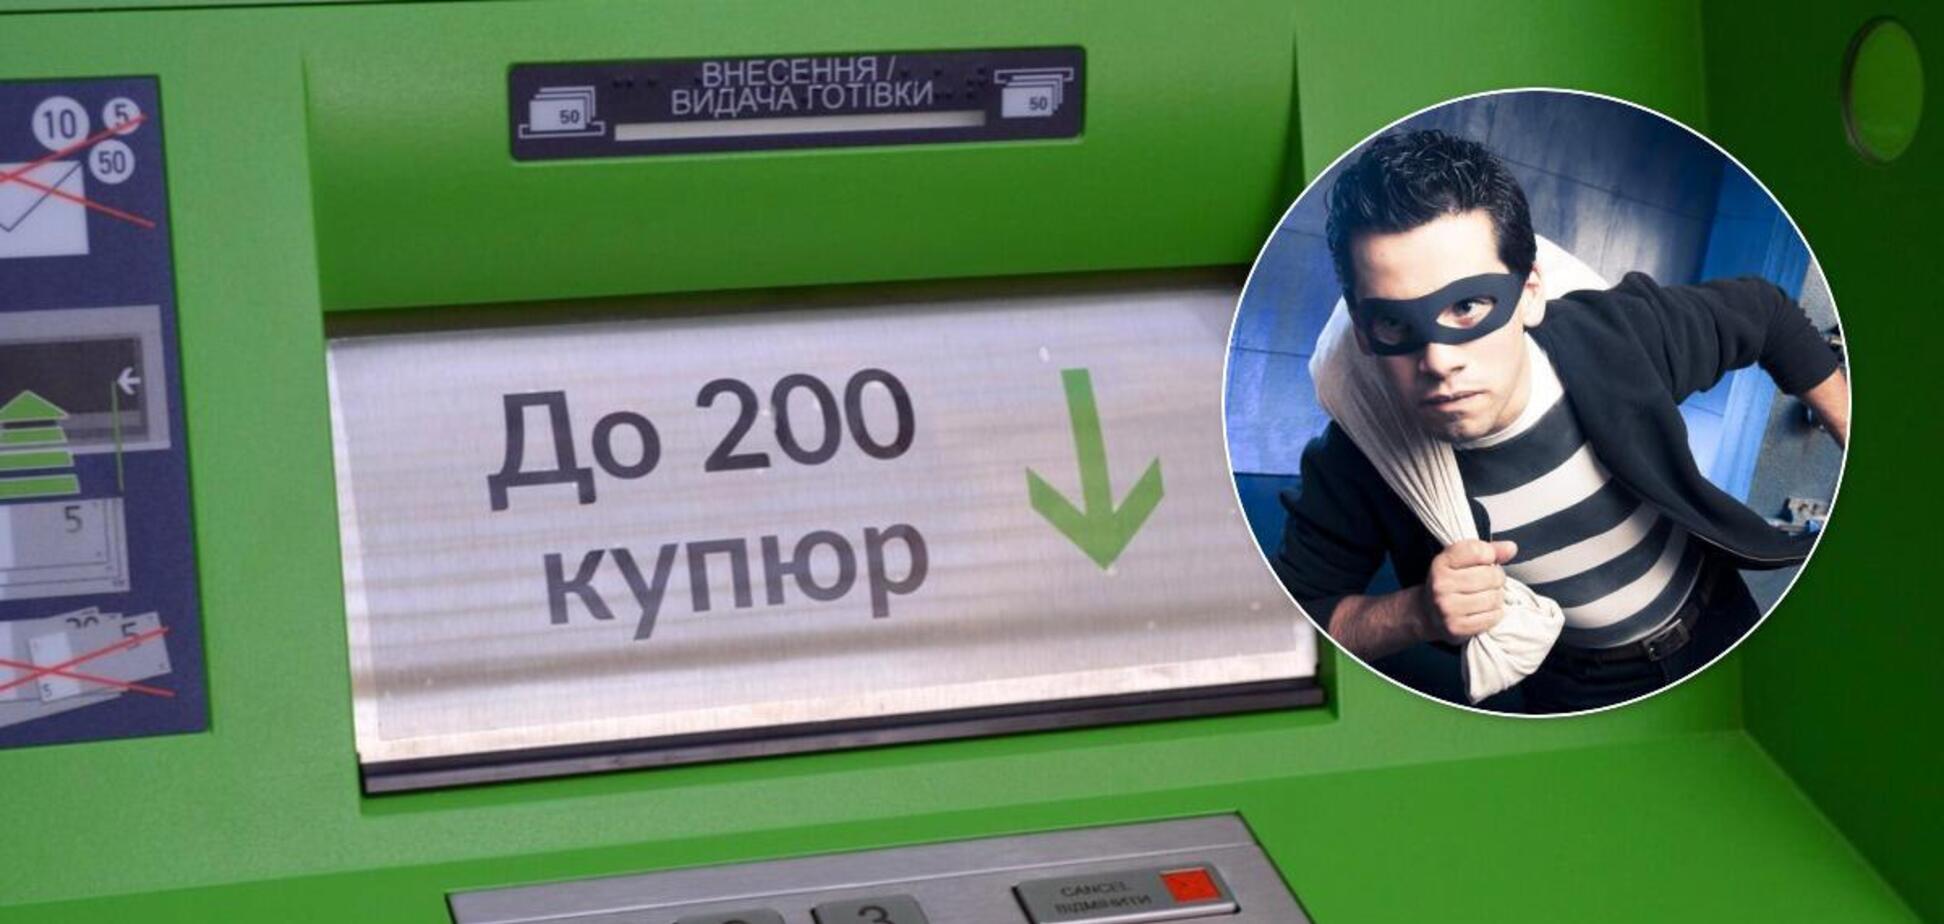 Шахраї дурять банкомати